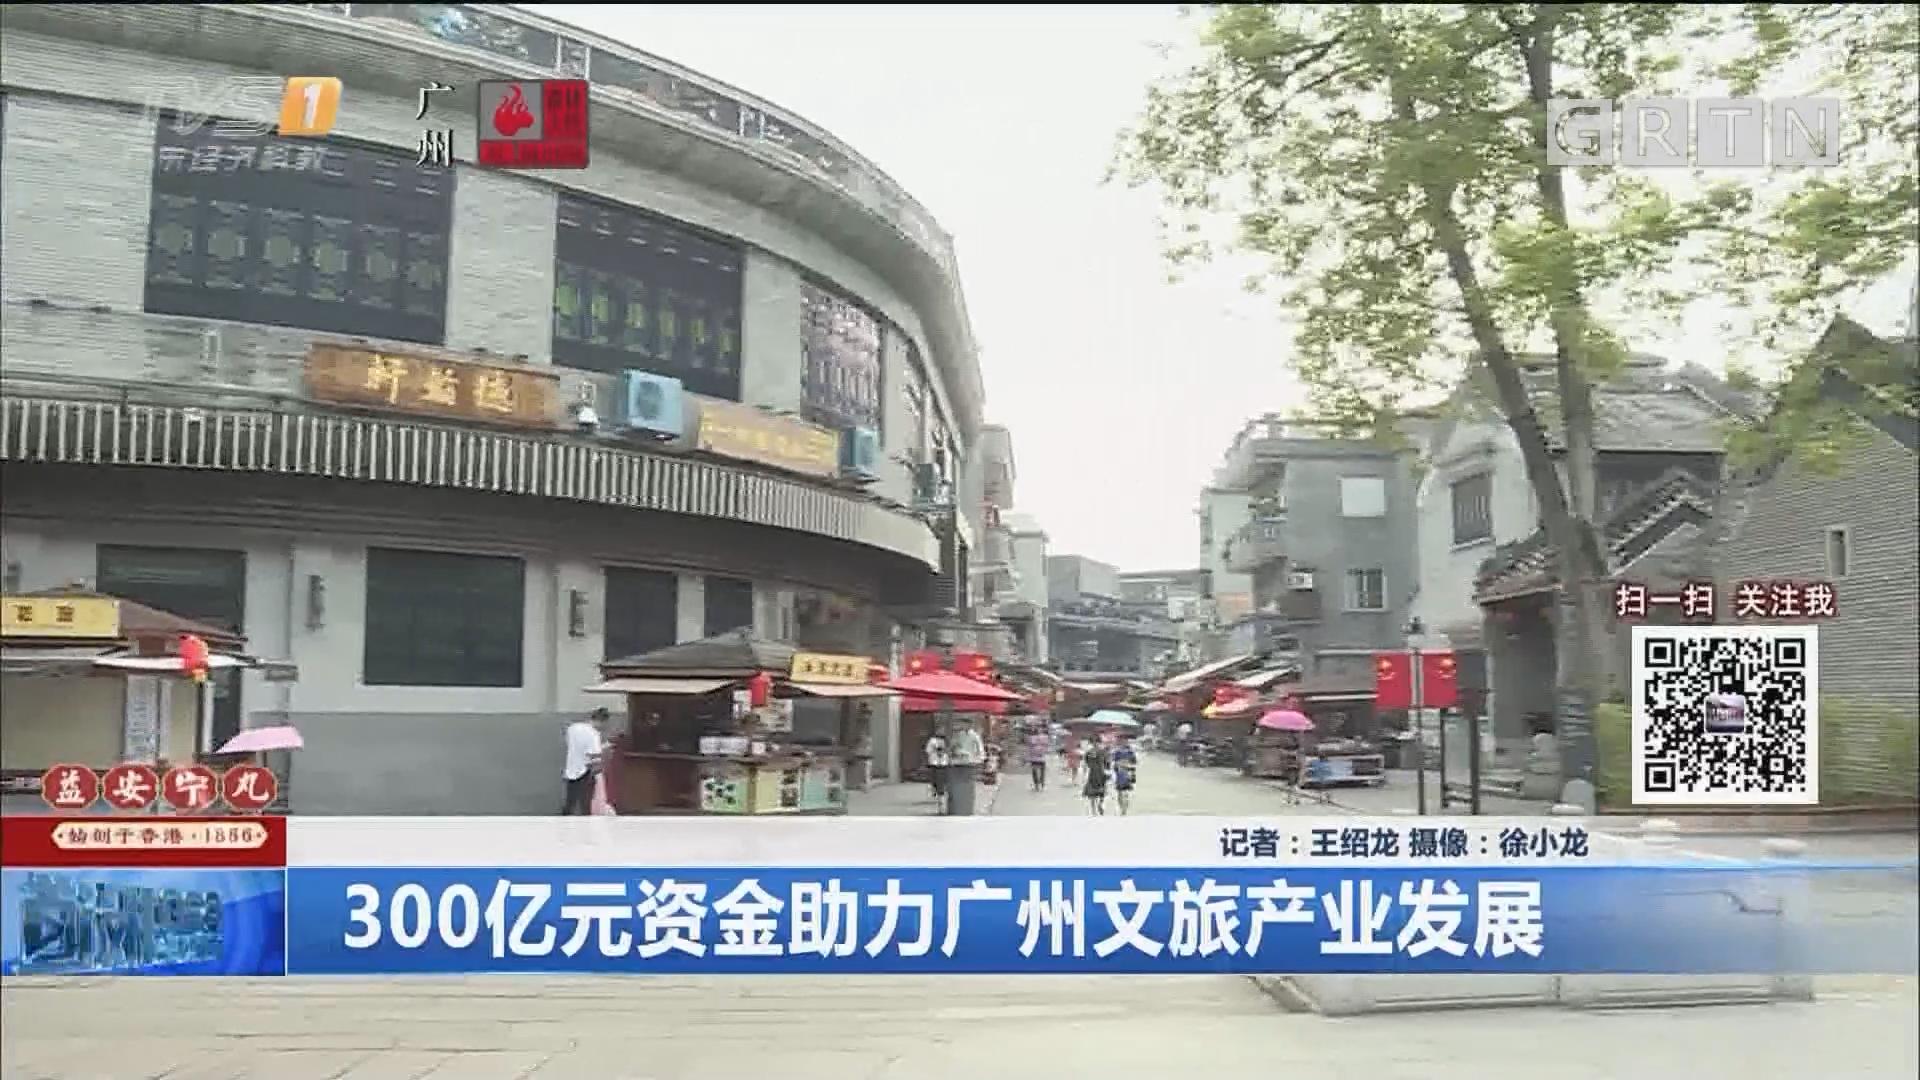 300亿元资金助力广州文旅产业发展